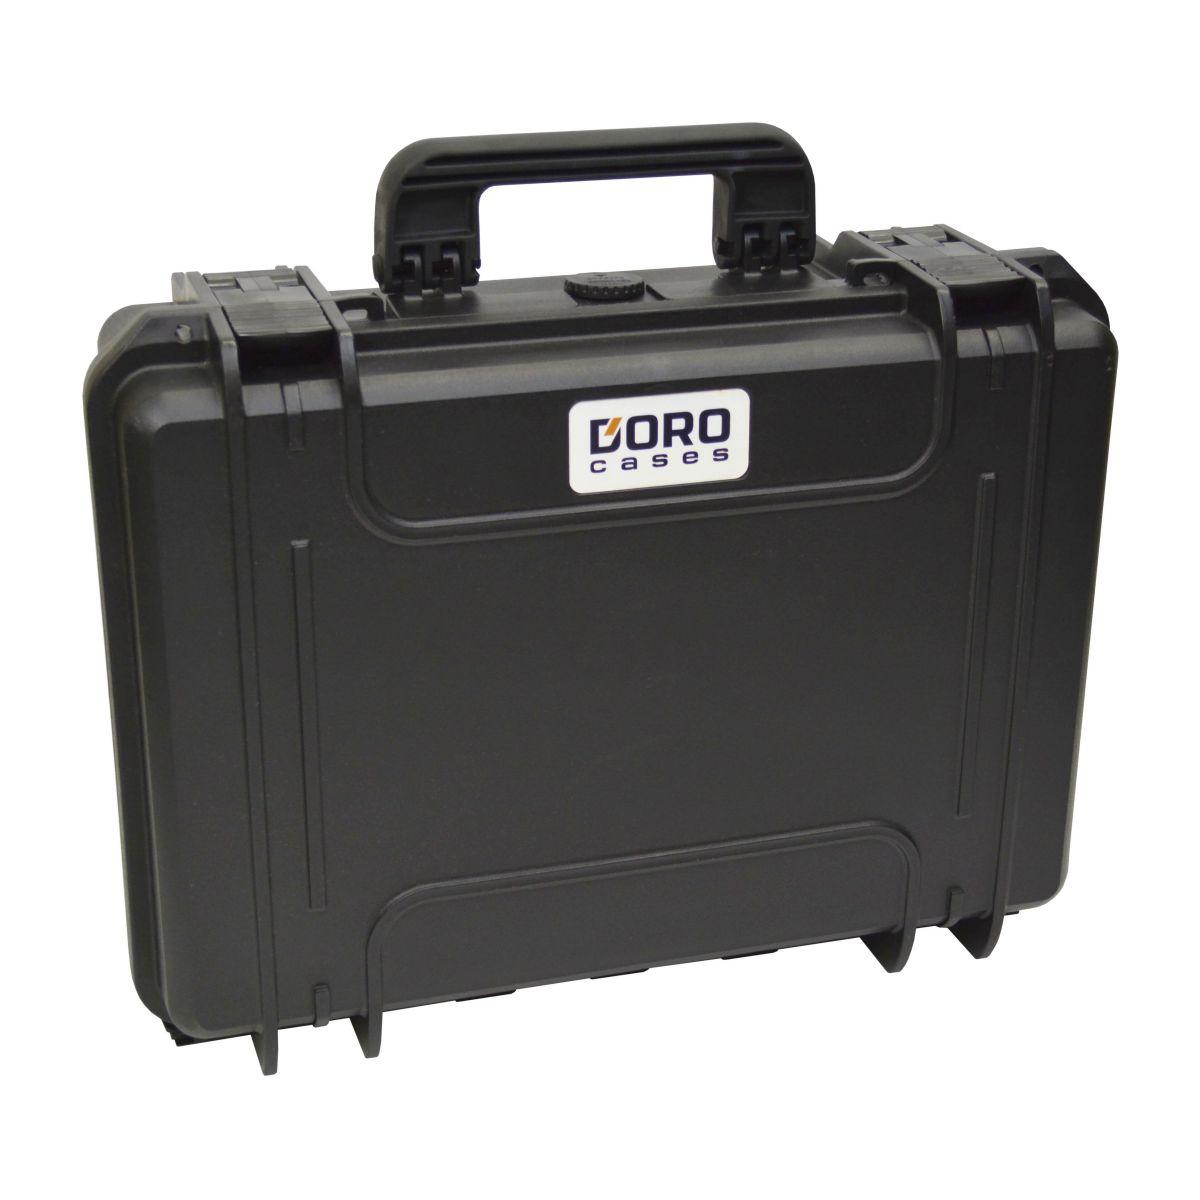 """36 x 2.5"""" SATA / PATA / IDE Hard Drive Storage Case - DORO D1611-6"""